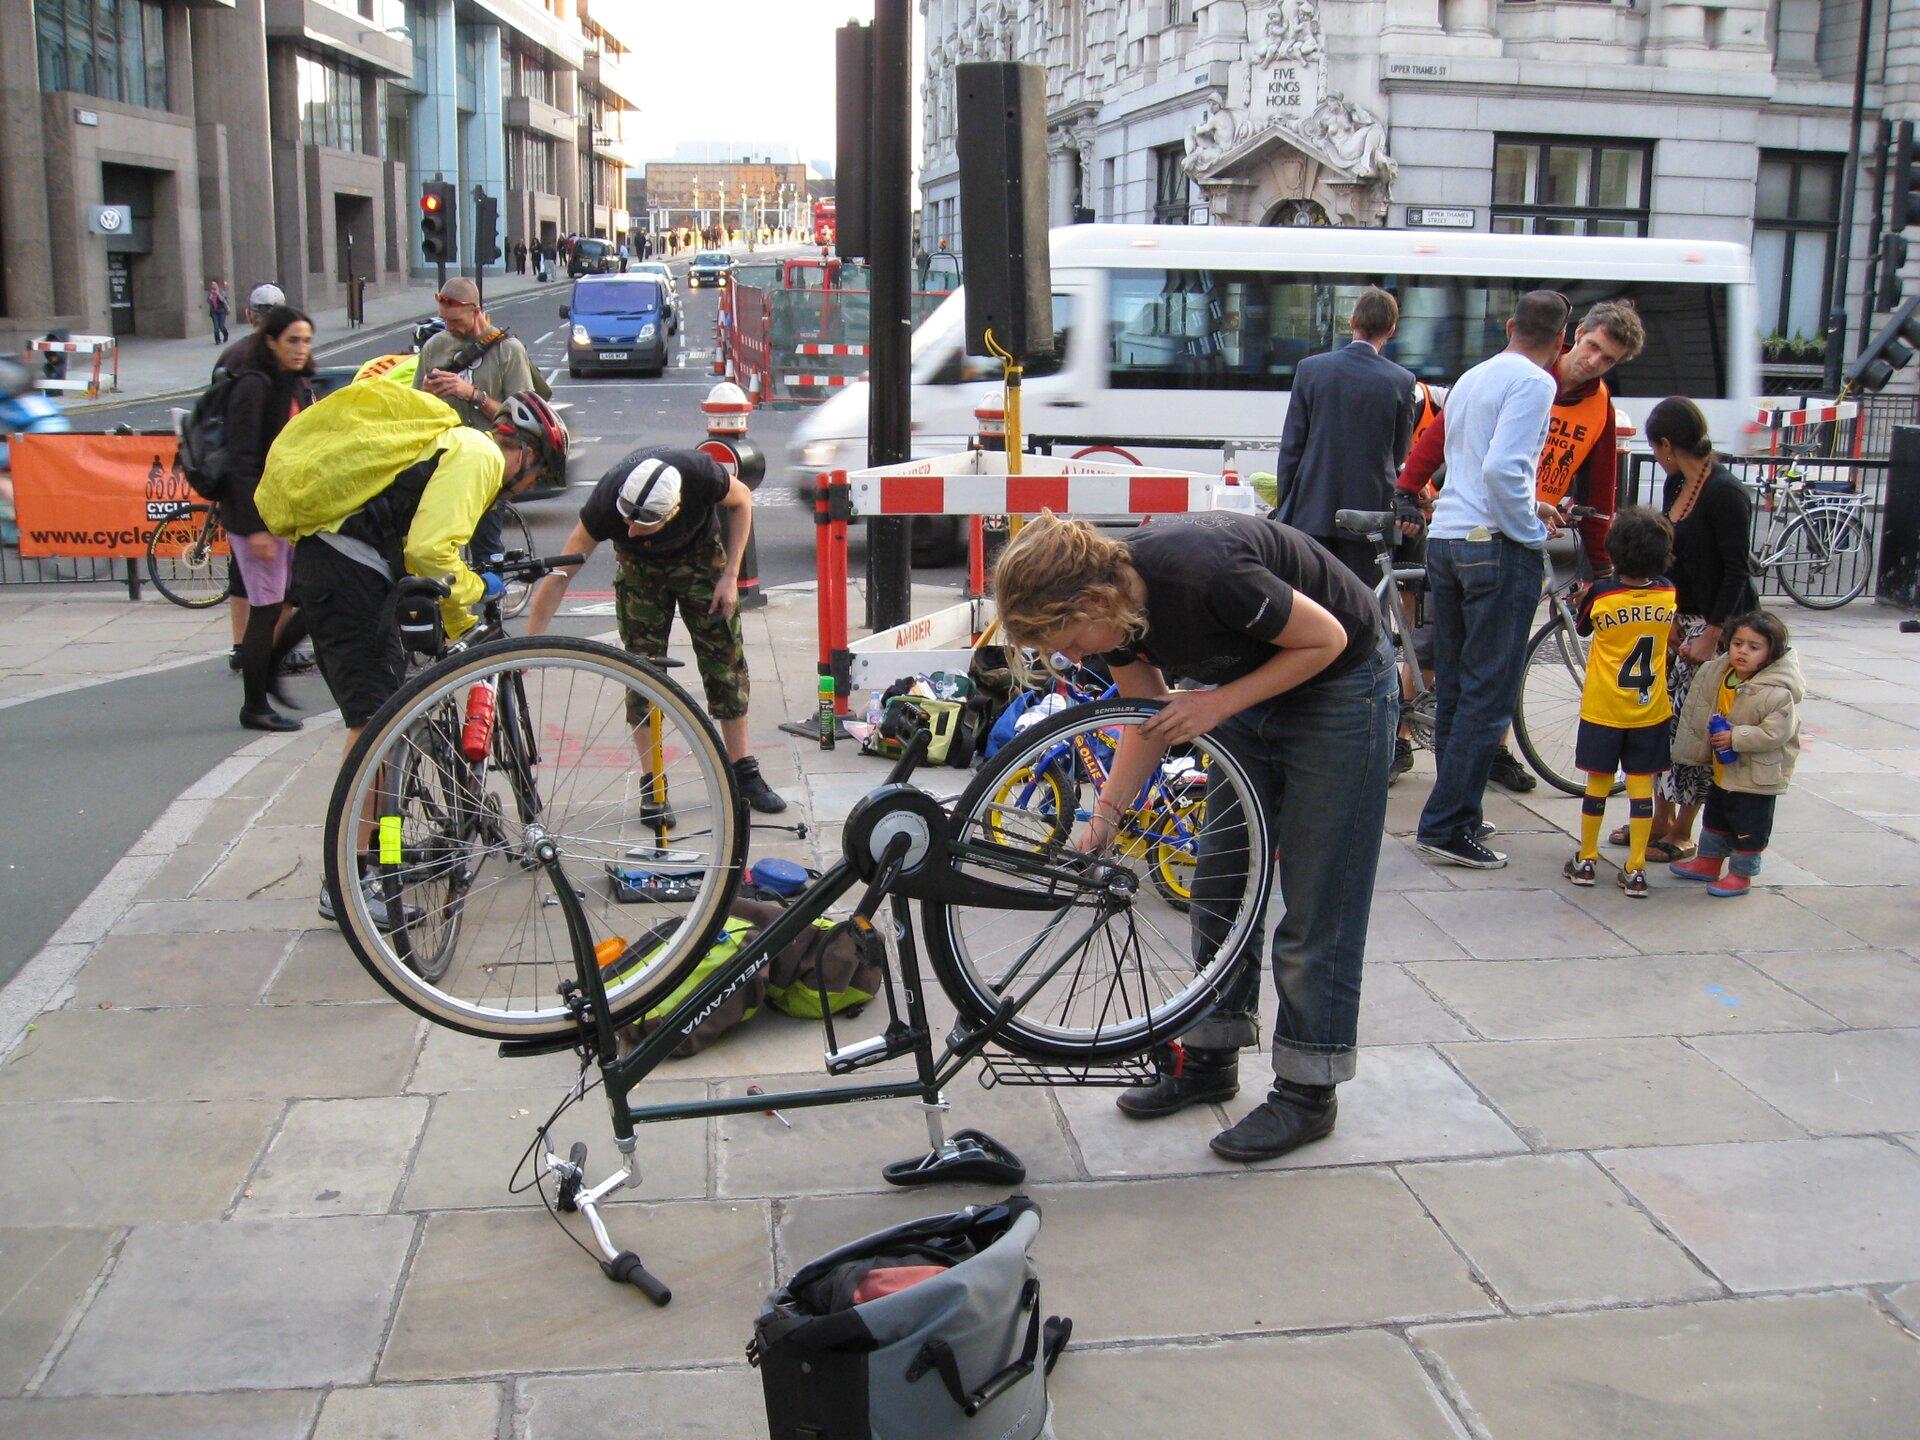 Zdjęcie przedstawia scenę zulicznym punktem obsługi rowerów, zorganizowanym przy okazji jakiegoś święta lub wyścigu. Na pierwszym planie młoda kobieta robi coś przy łańcuchu itylnym kole roweru stojącego do góry nogami. Wtle odbywają się przeglądy dwóch innych maszyn.